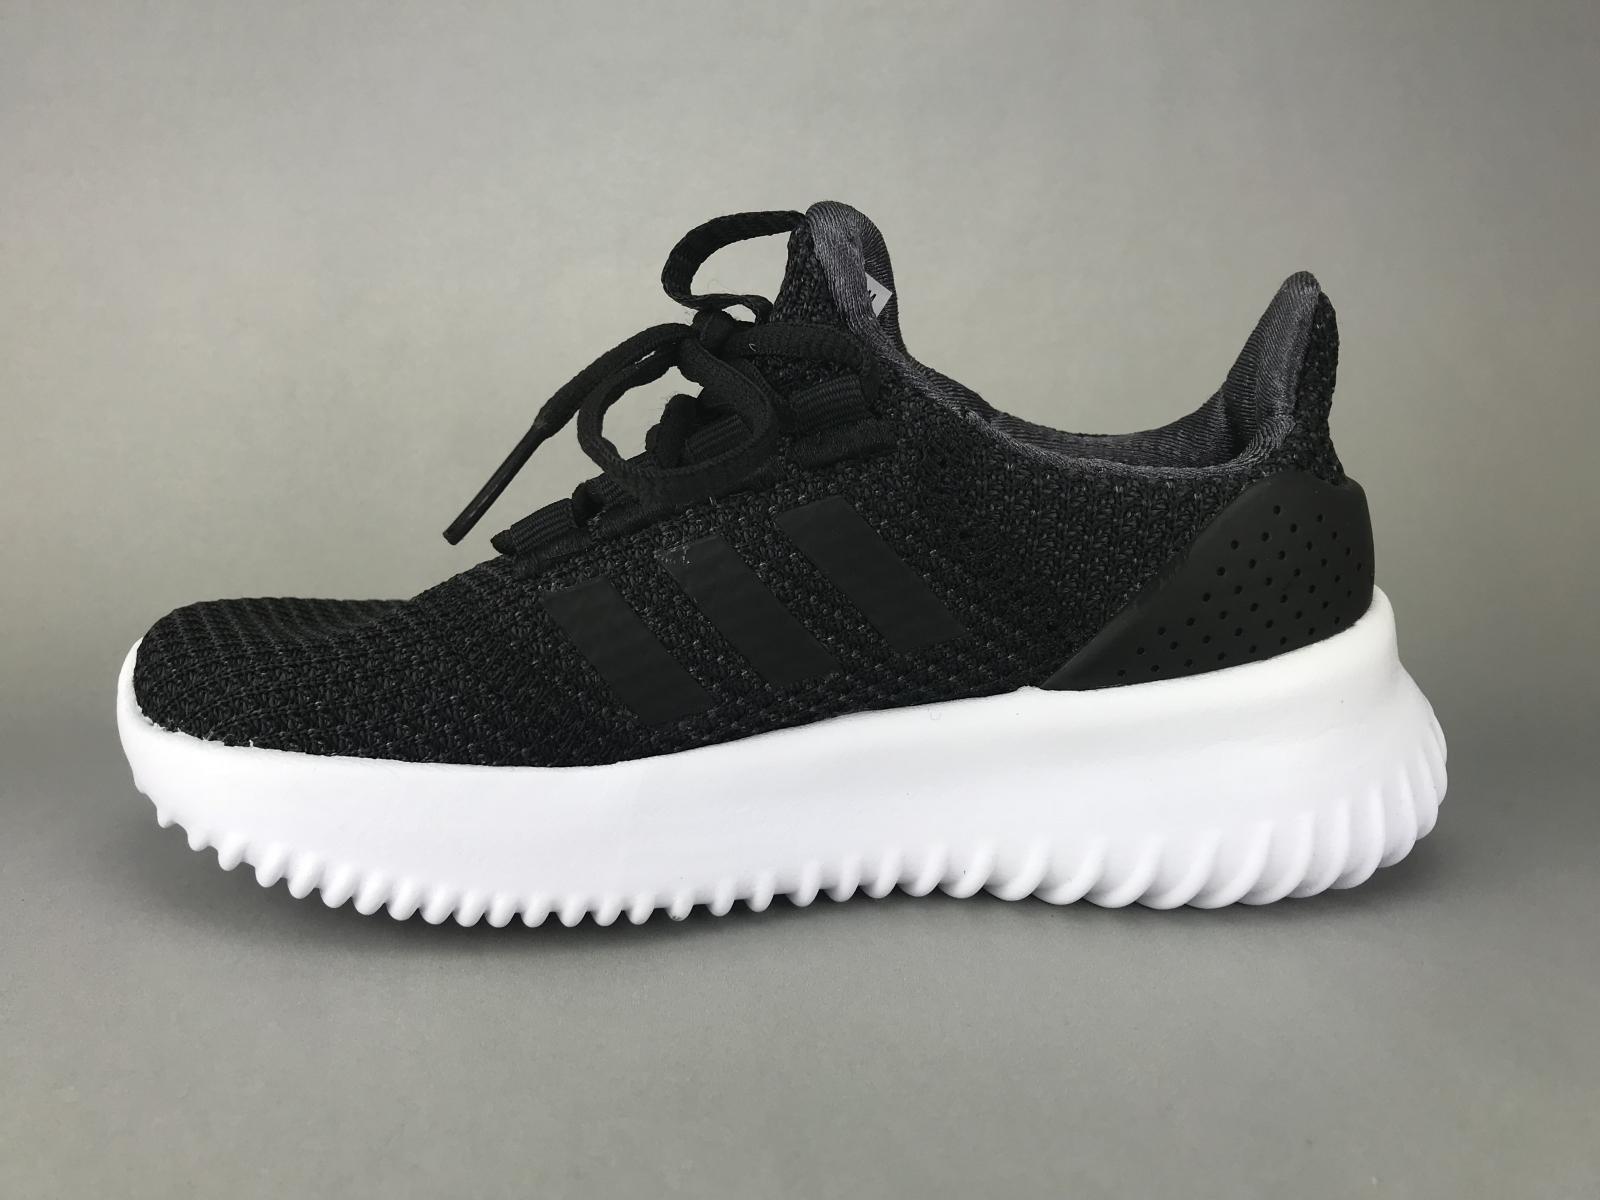 efc5cb552768 Adidas børne sko - sort - BØRN - zjoos-hjoerring.dk